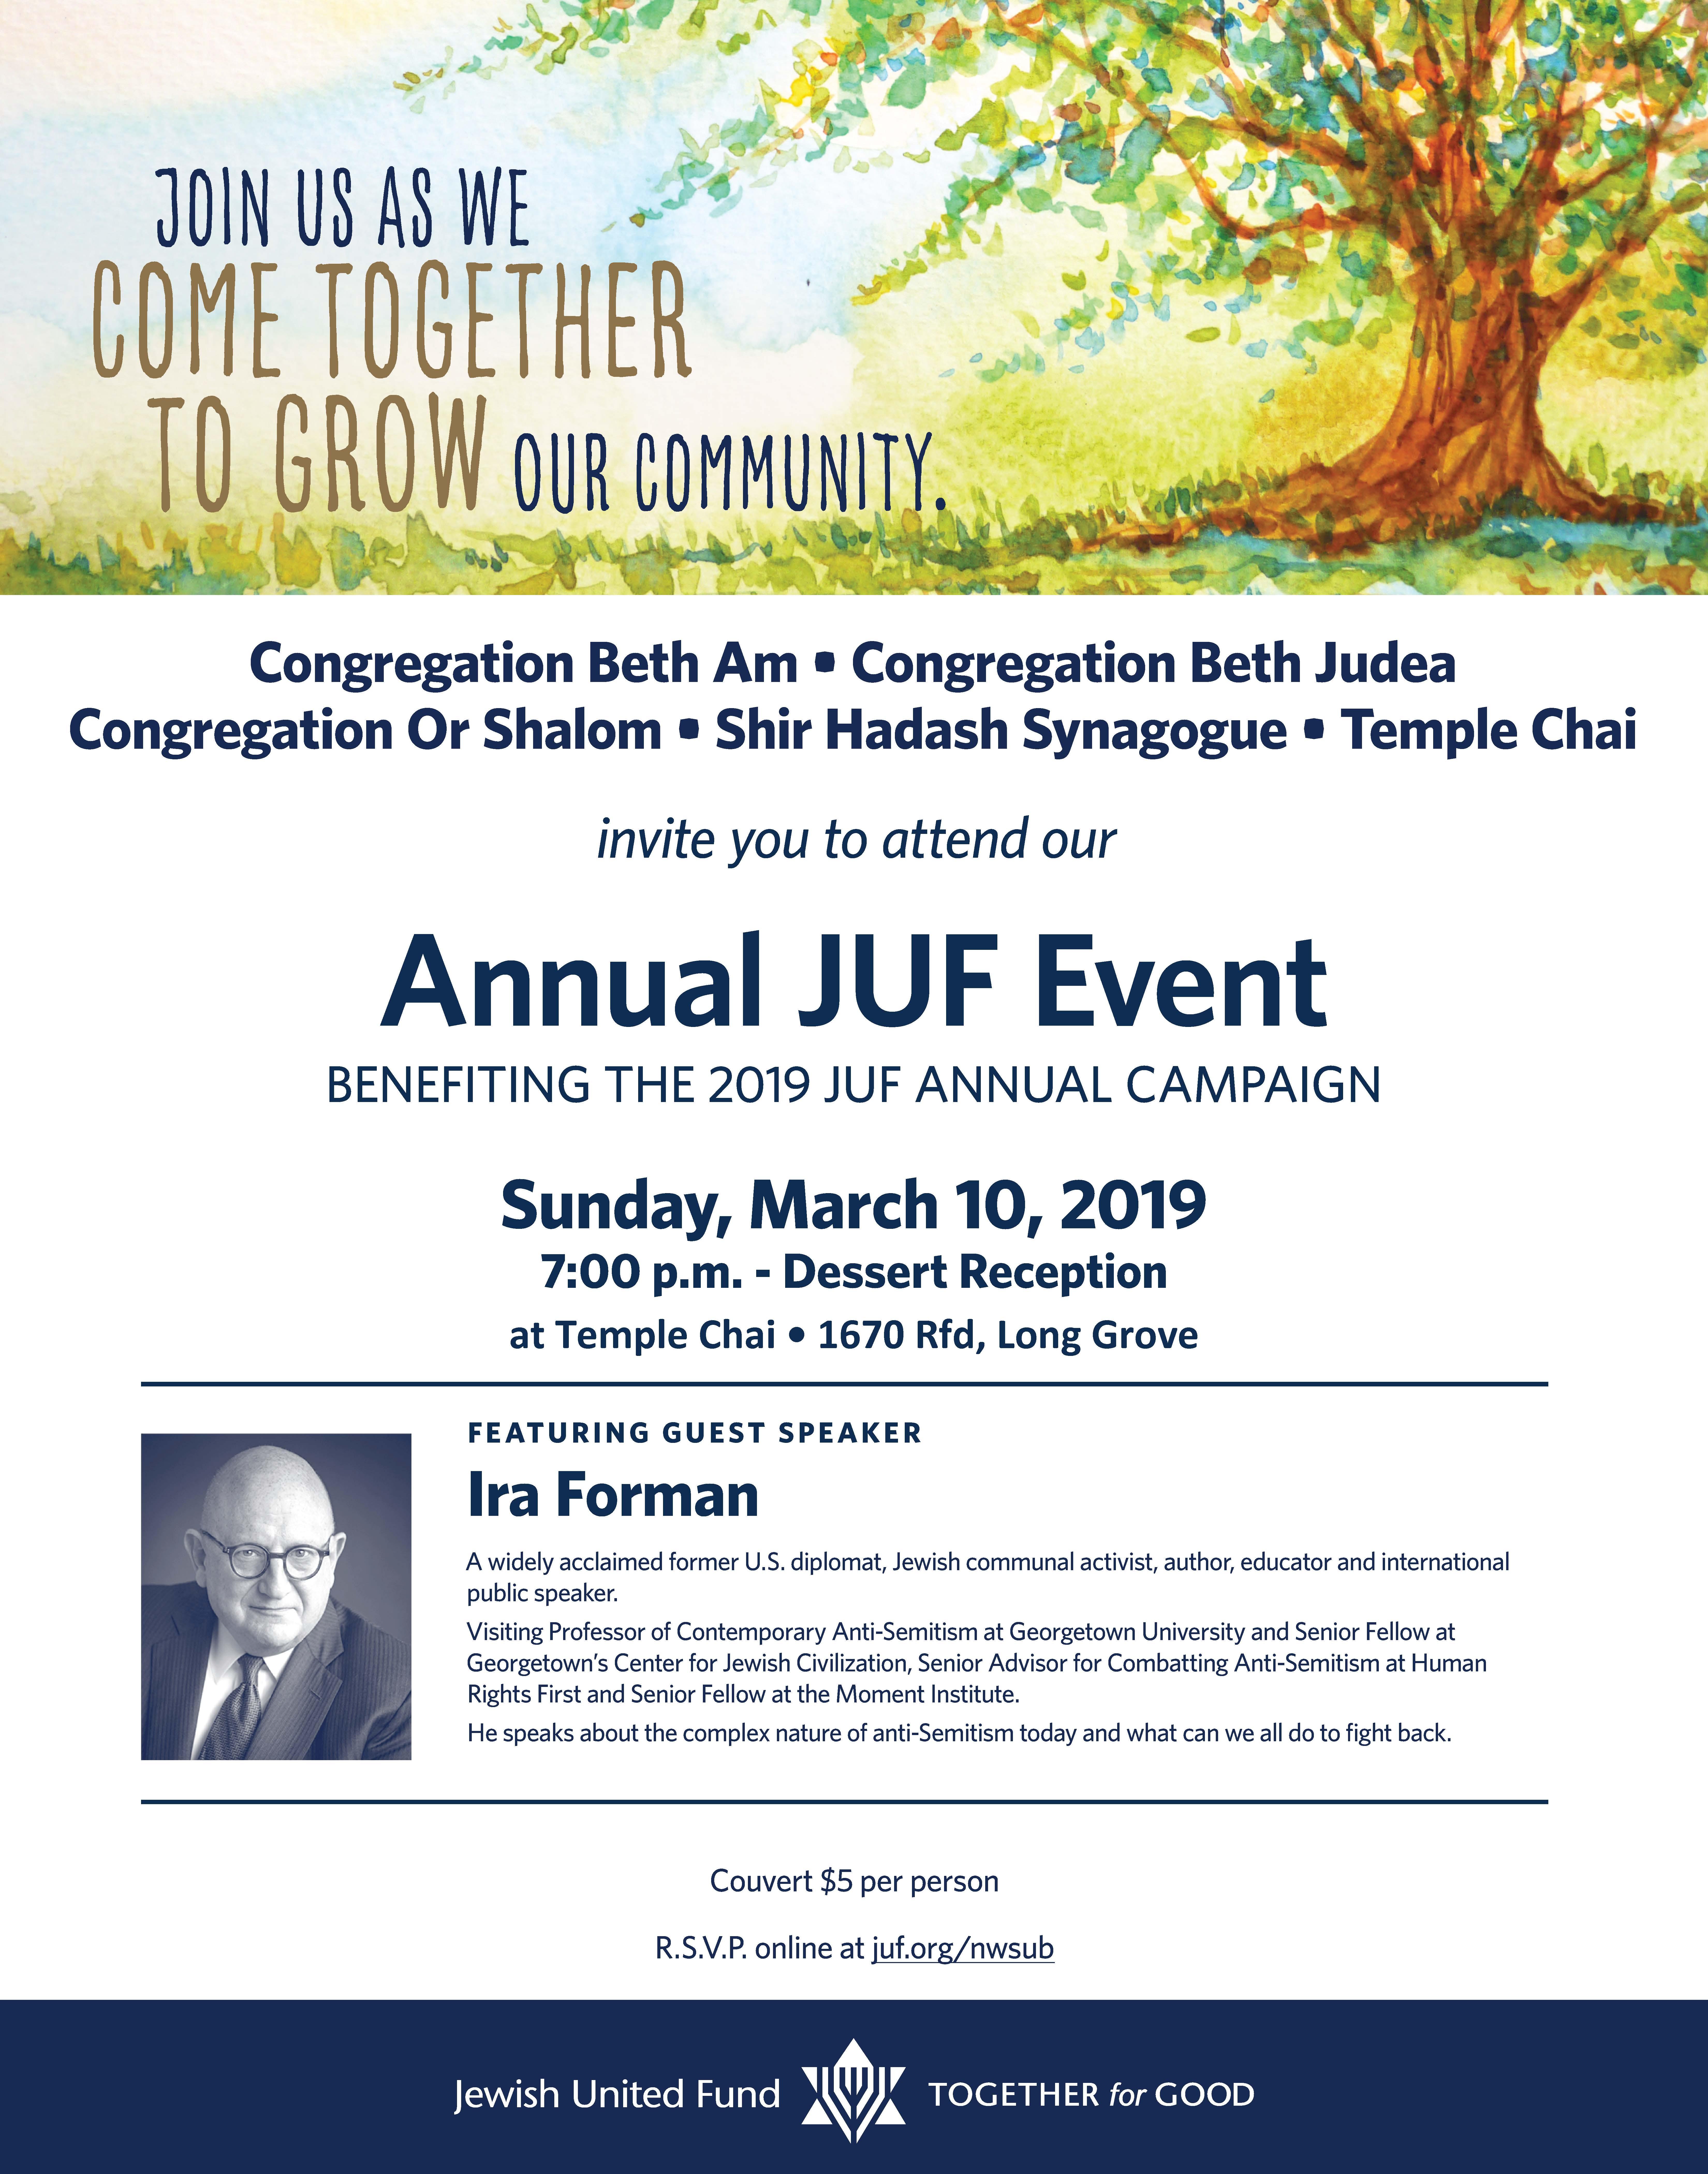 Annual JUF Event 2019 (March 10th) – Temple Chai